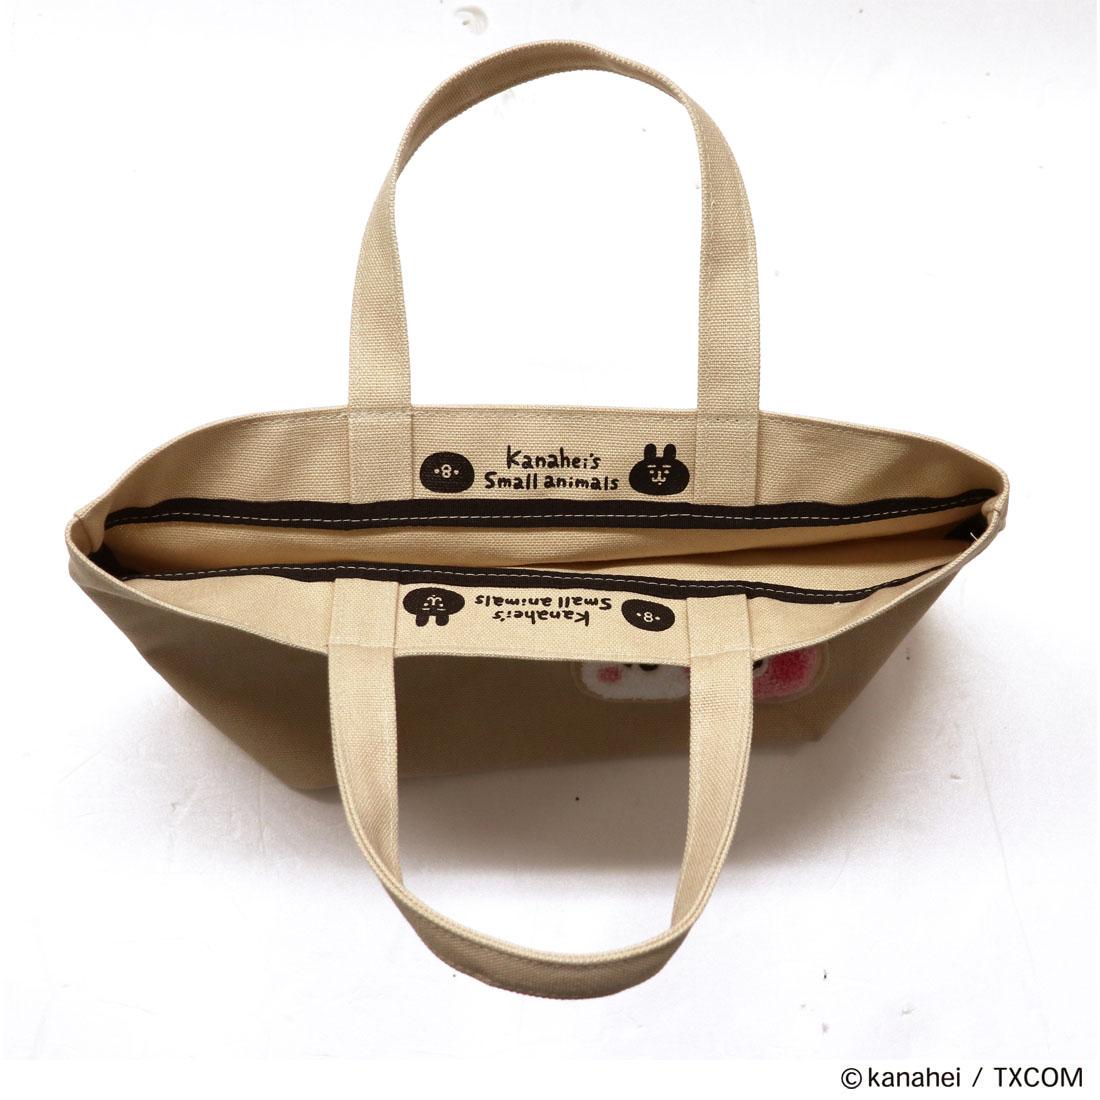 ピスケとうさぎ 相良(サガラ)刺繍ワッペン付き倉敷帆布ランチトートバッグ アイボリー